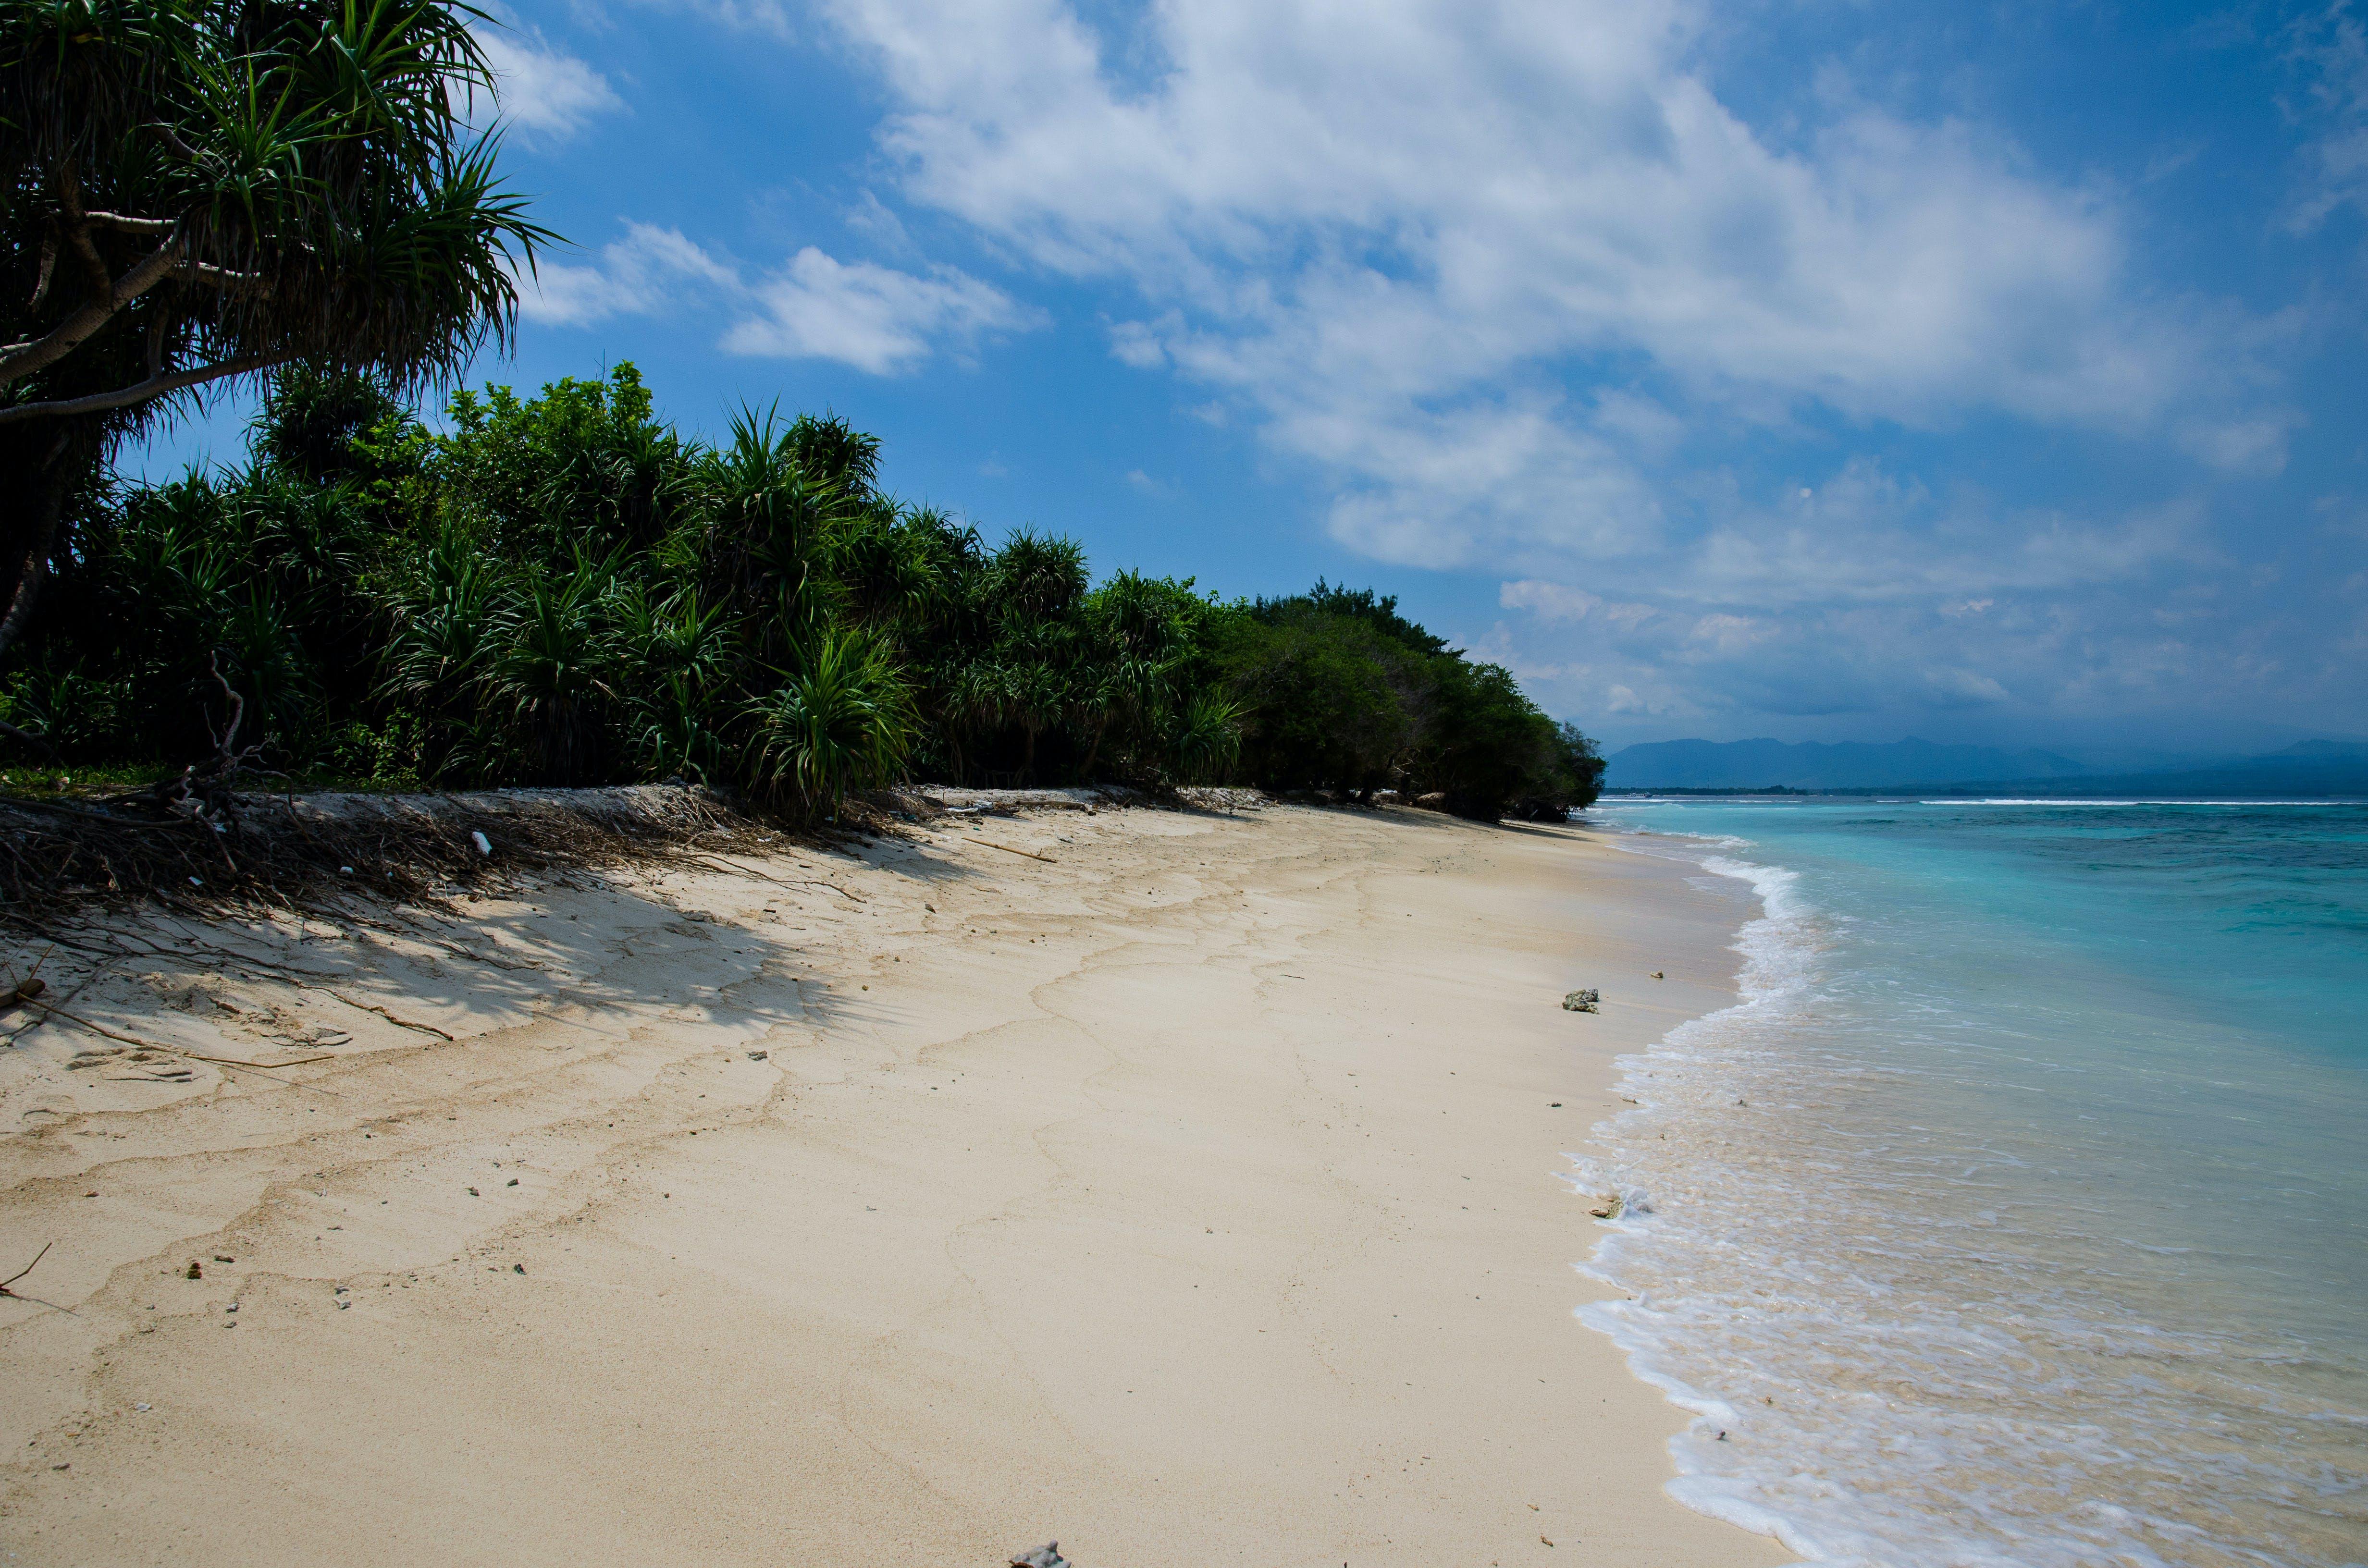 Kostenloses Stock Foto zu insel, meeresküste, strand, verlassen